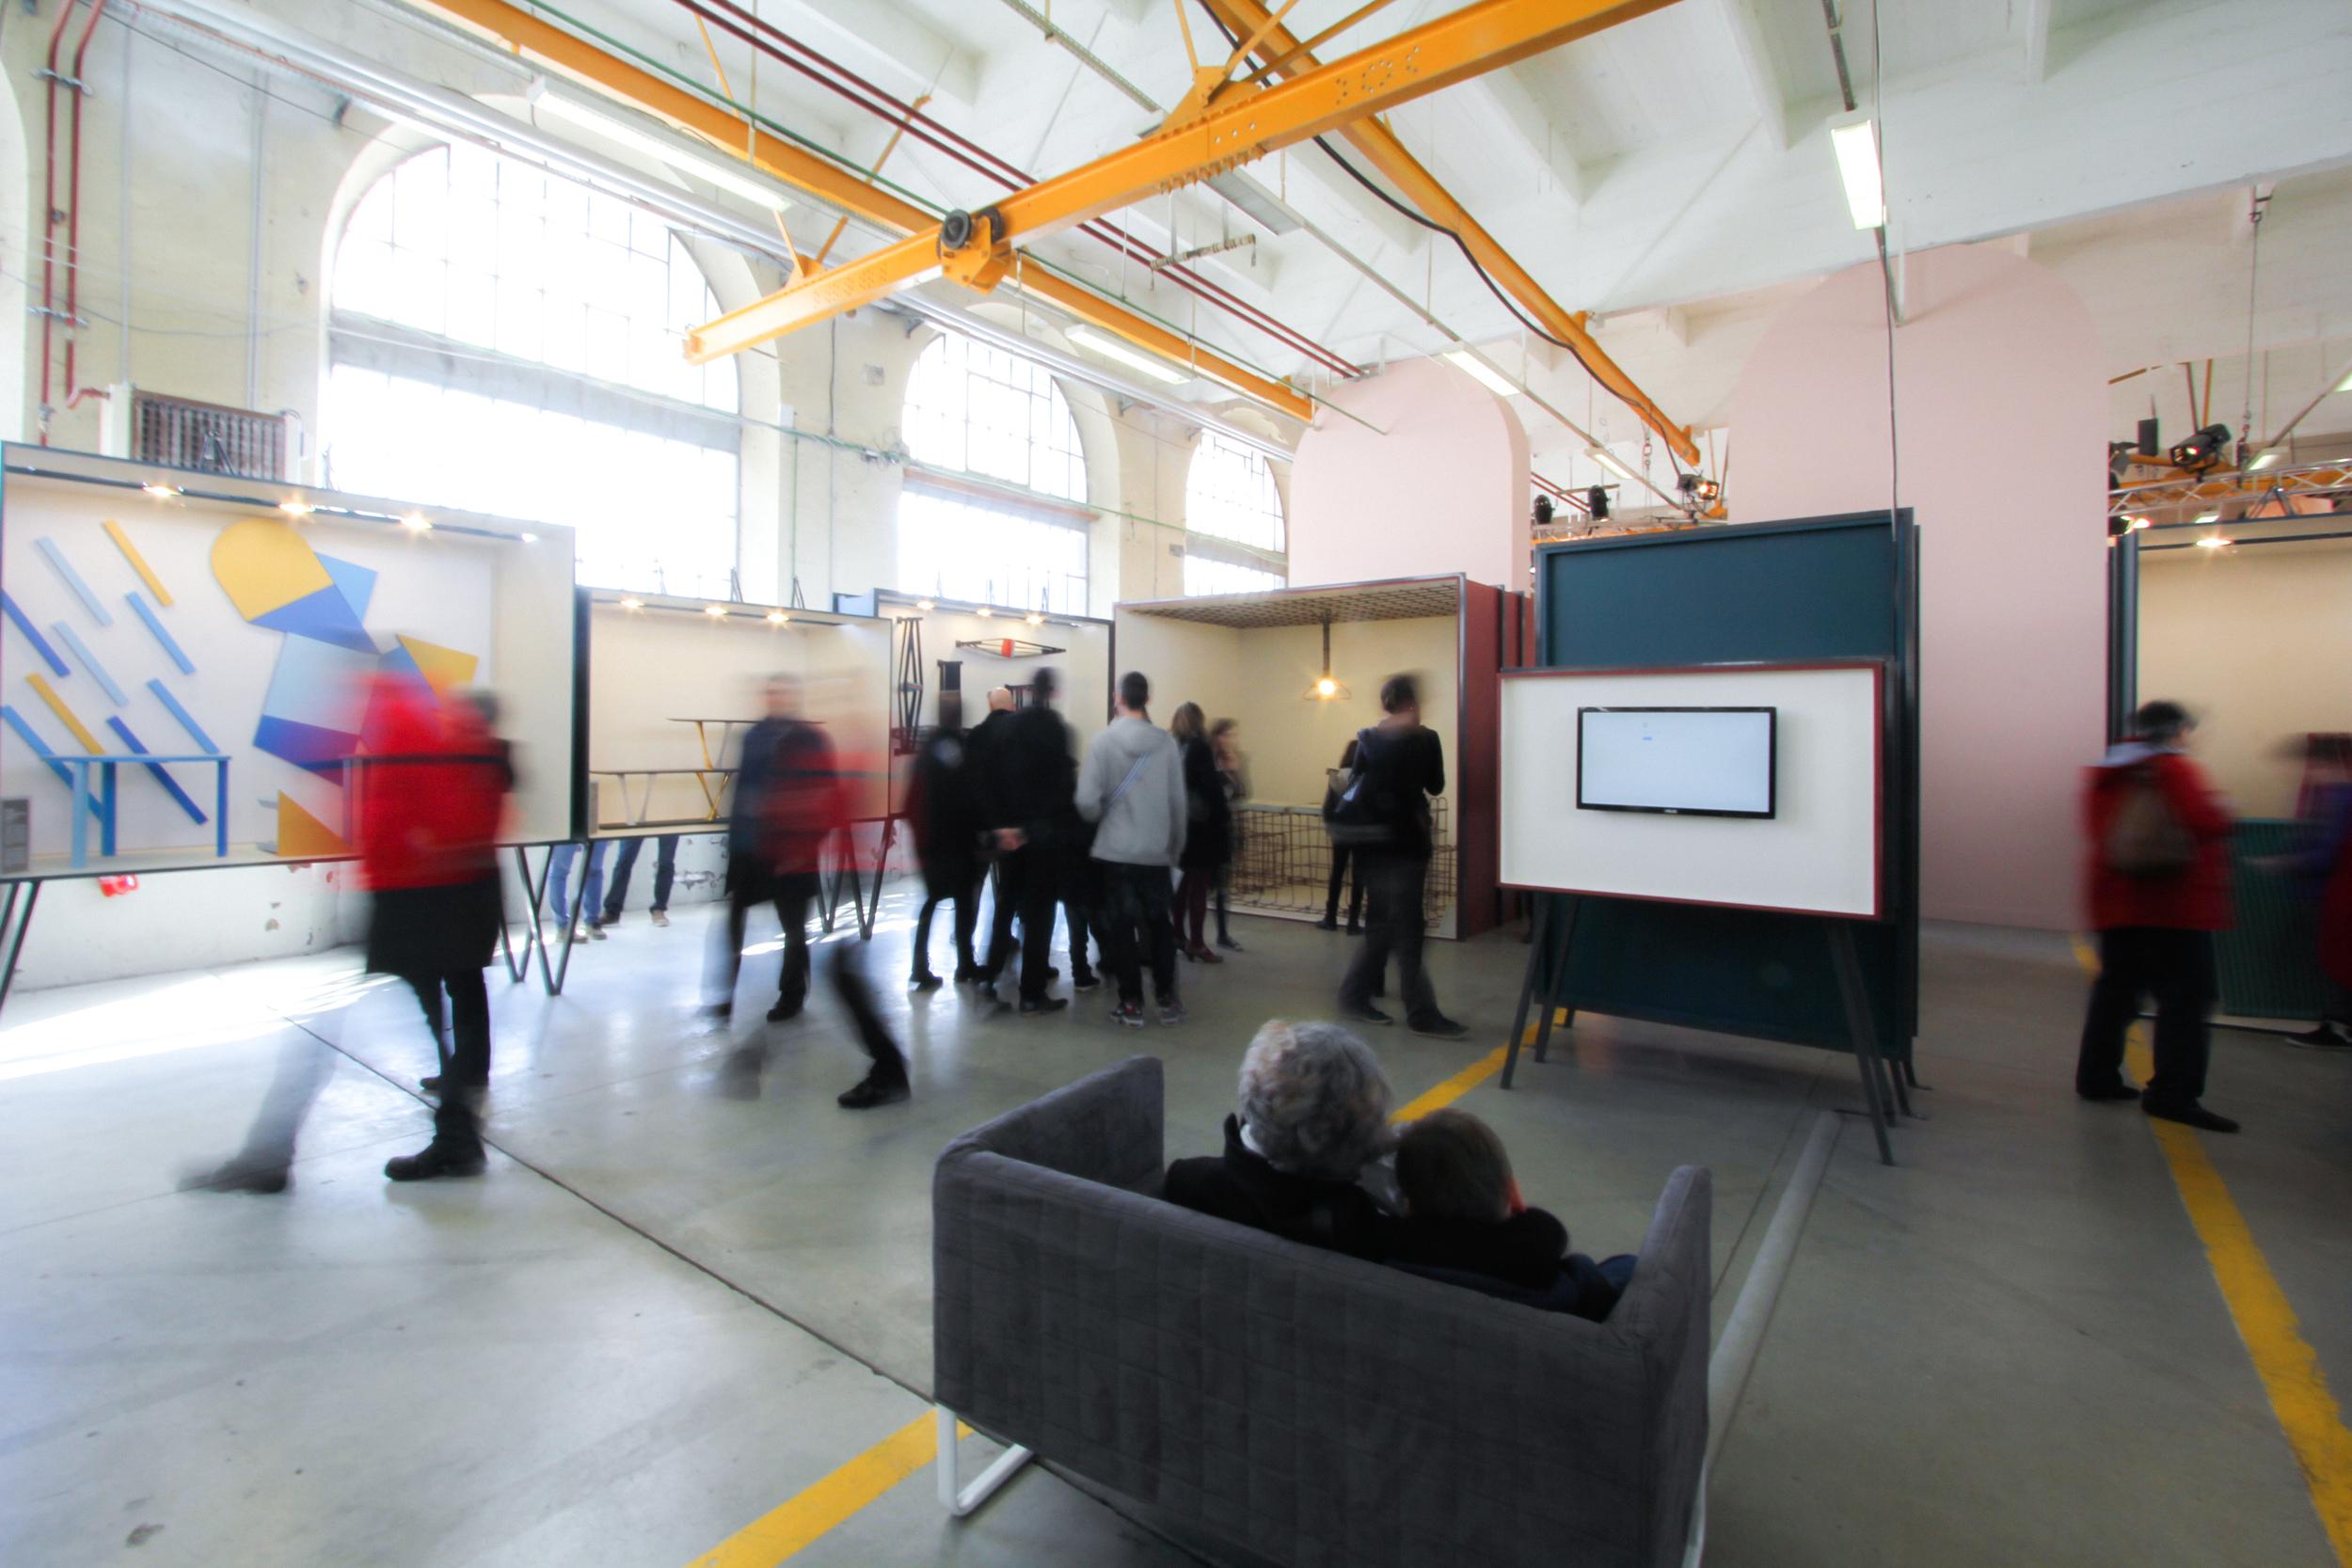 Futurecrafter_BiennaleSaintEtienne_Stella_GeoffroyGilliant (8 of 15).jpg